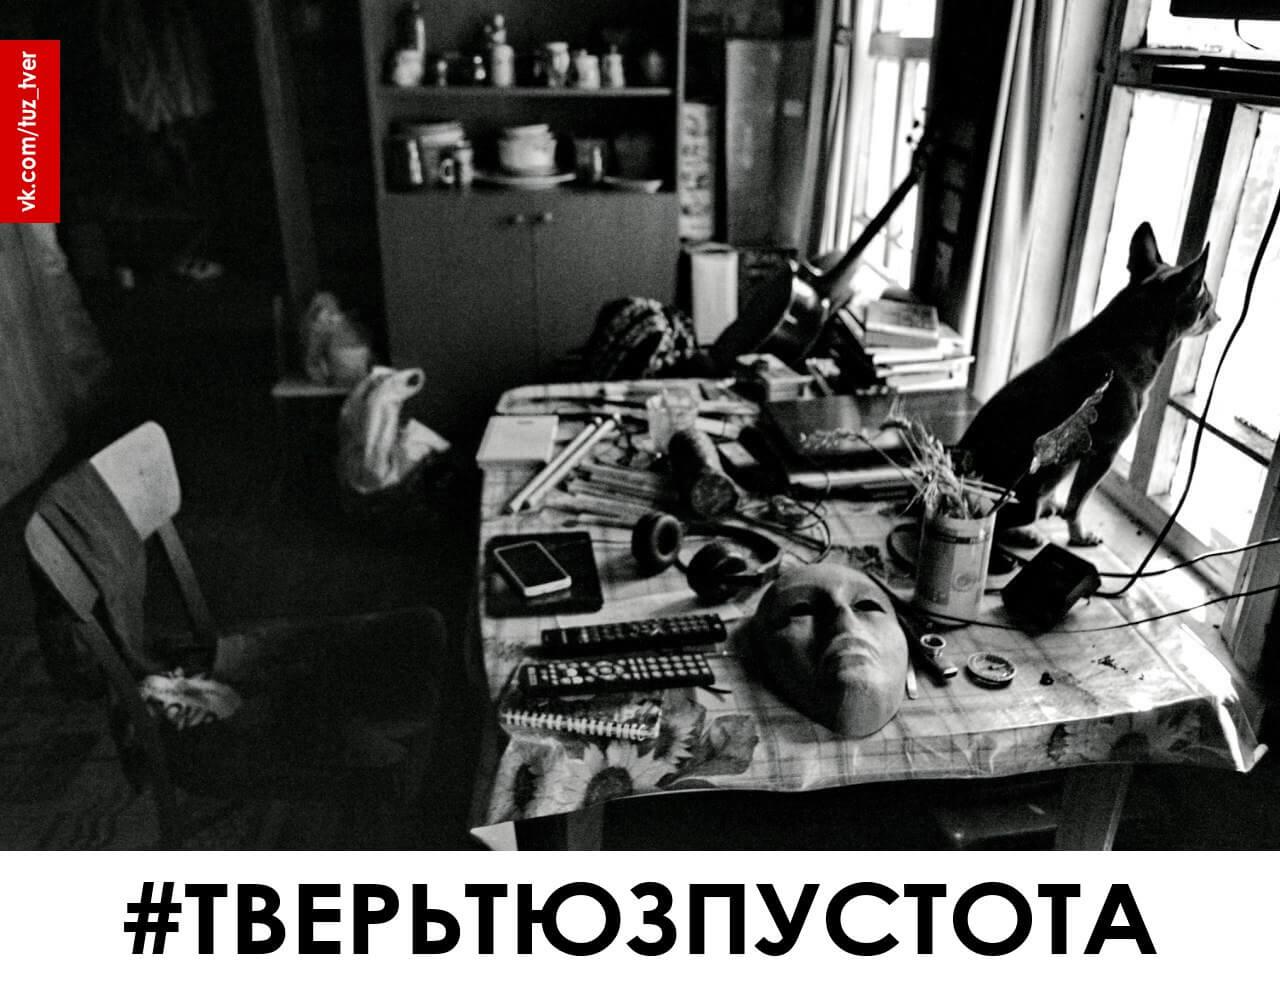 """В Твери проходит фотоконкурс """"ТВЕРЬТЮЗПУСТОТА"""""""